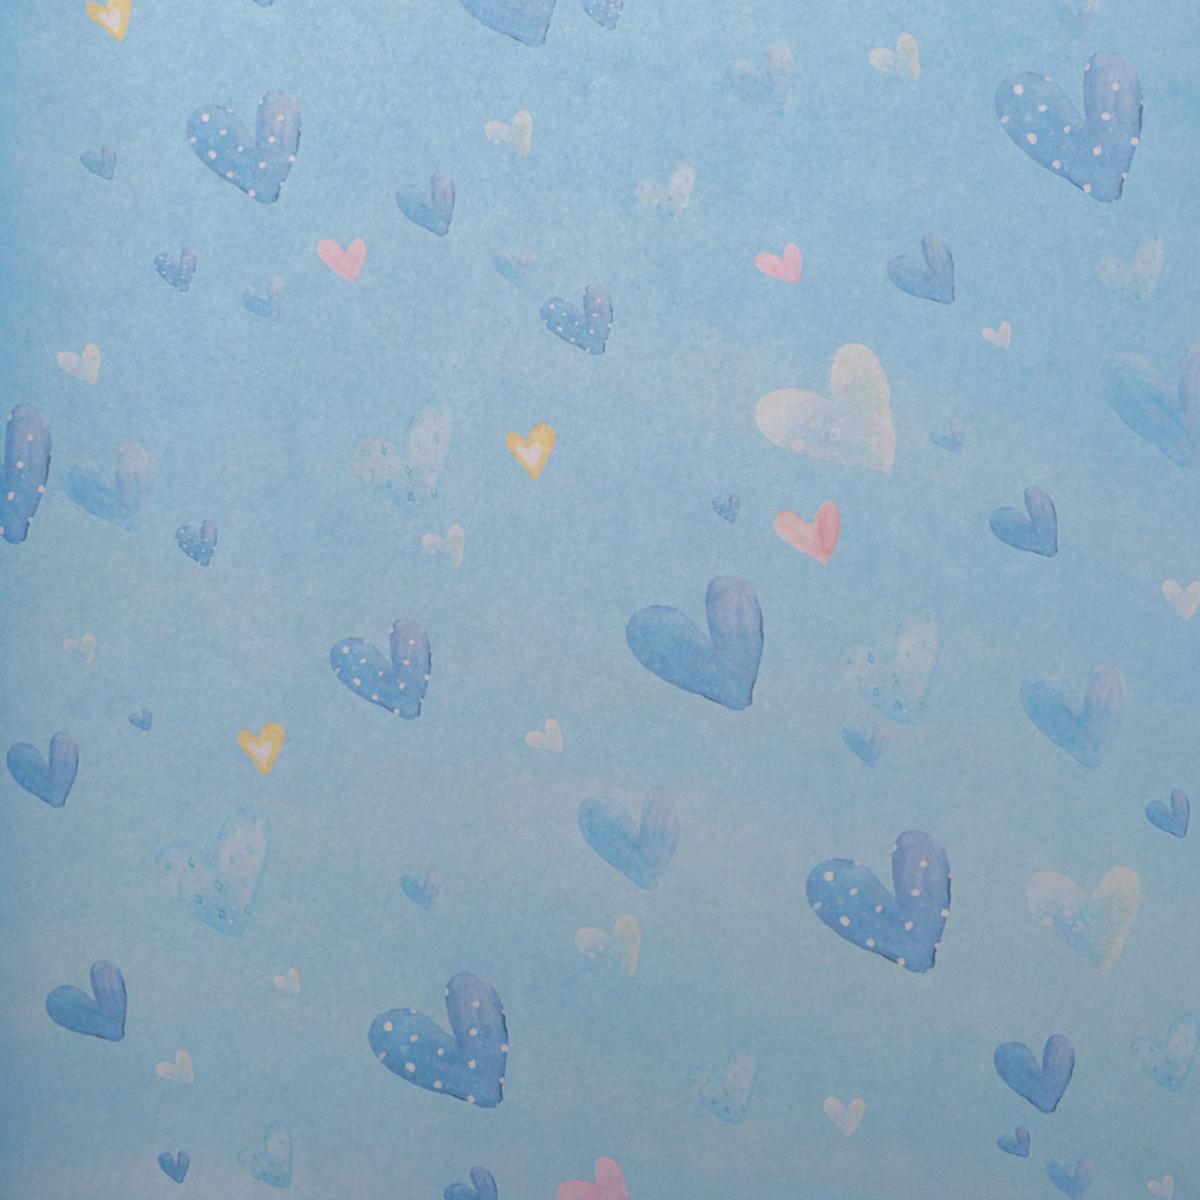 Бумага упаковочная Голубые сердечки, глянцевая, 50 х 70 см, цвет: голубой. 24797242479724Любой подарок начинается с упаковки. Что может быть трогательнее и волшебнее, чем ритуал разворачивания полученного презента. И именно оригинальная, со вкусом выбранная упаковка выделит ваш подарок из массы других. Она продемонстрирует самые тёплые чувства к виновнику торжества и создаст сказочную атмосферу праздника. Бумага упаковочная глянцевая Голубые сердечки — это то, что вы искали.